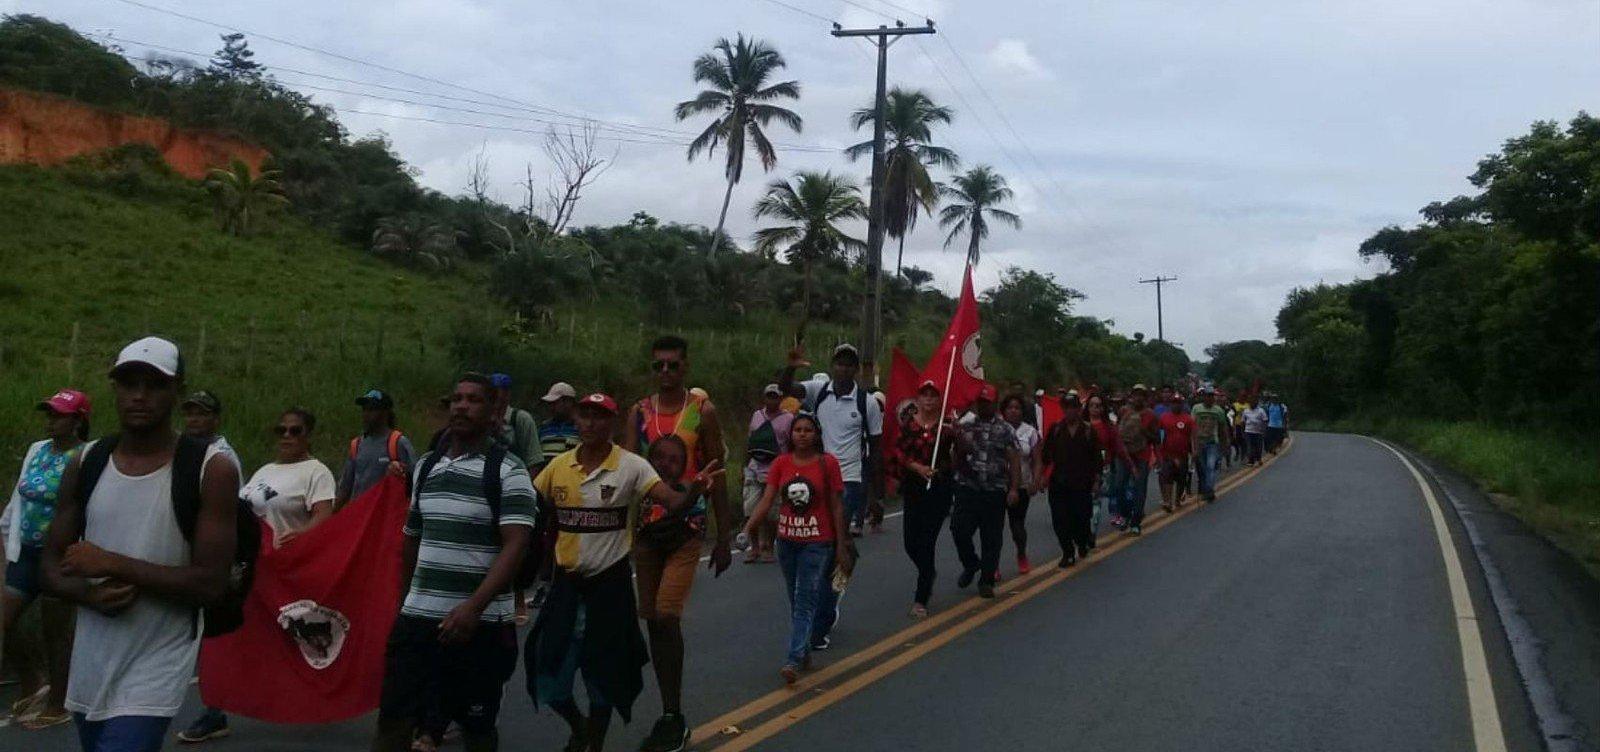 [Protesto do MST contra Reforma da Previdência deixa trânsito lento na BA-099]